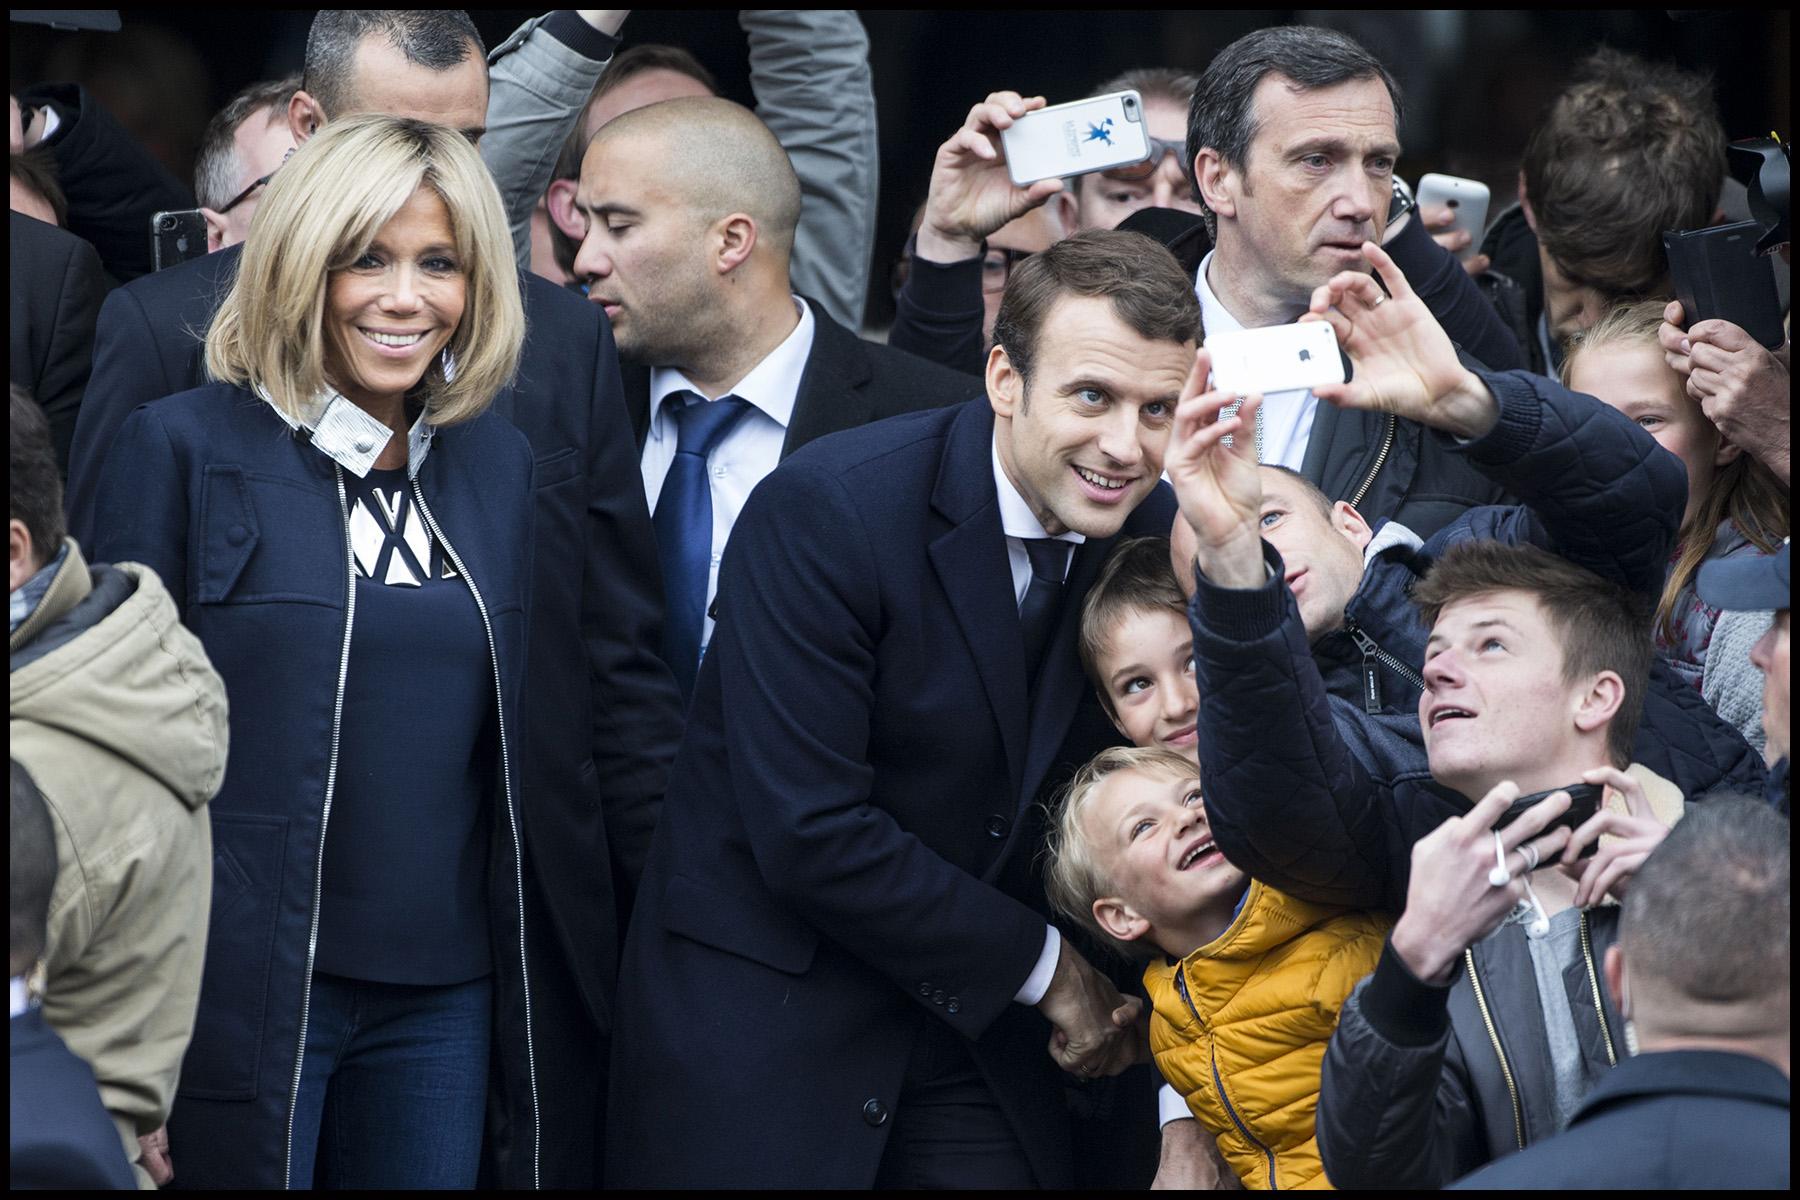 Brigitte et Emmanuel MACRON sortent du bureau de vote, lors du second tour de l'élection présidentielle de 2017.